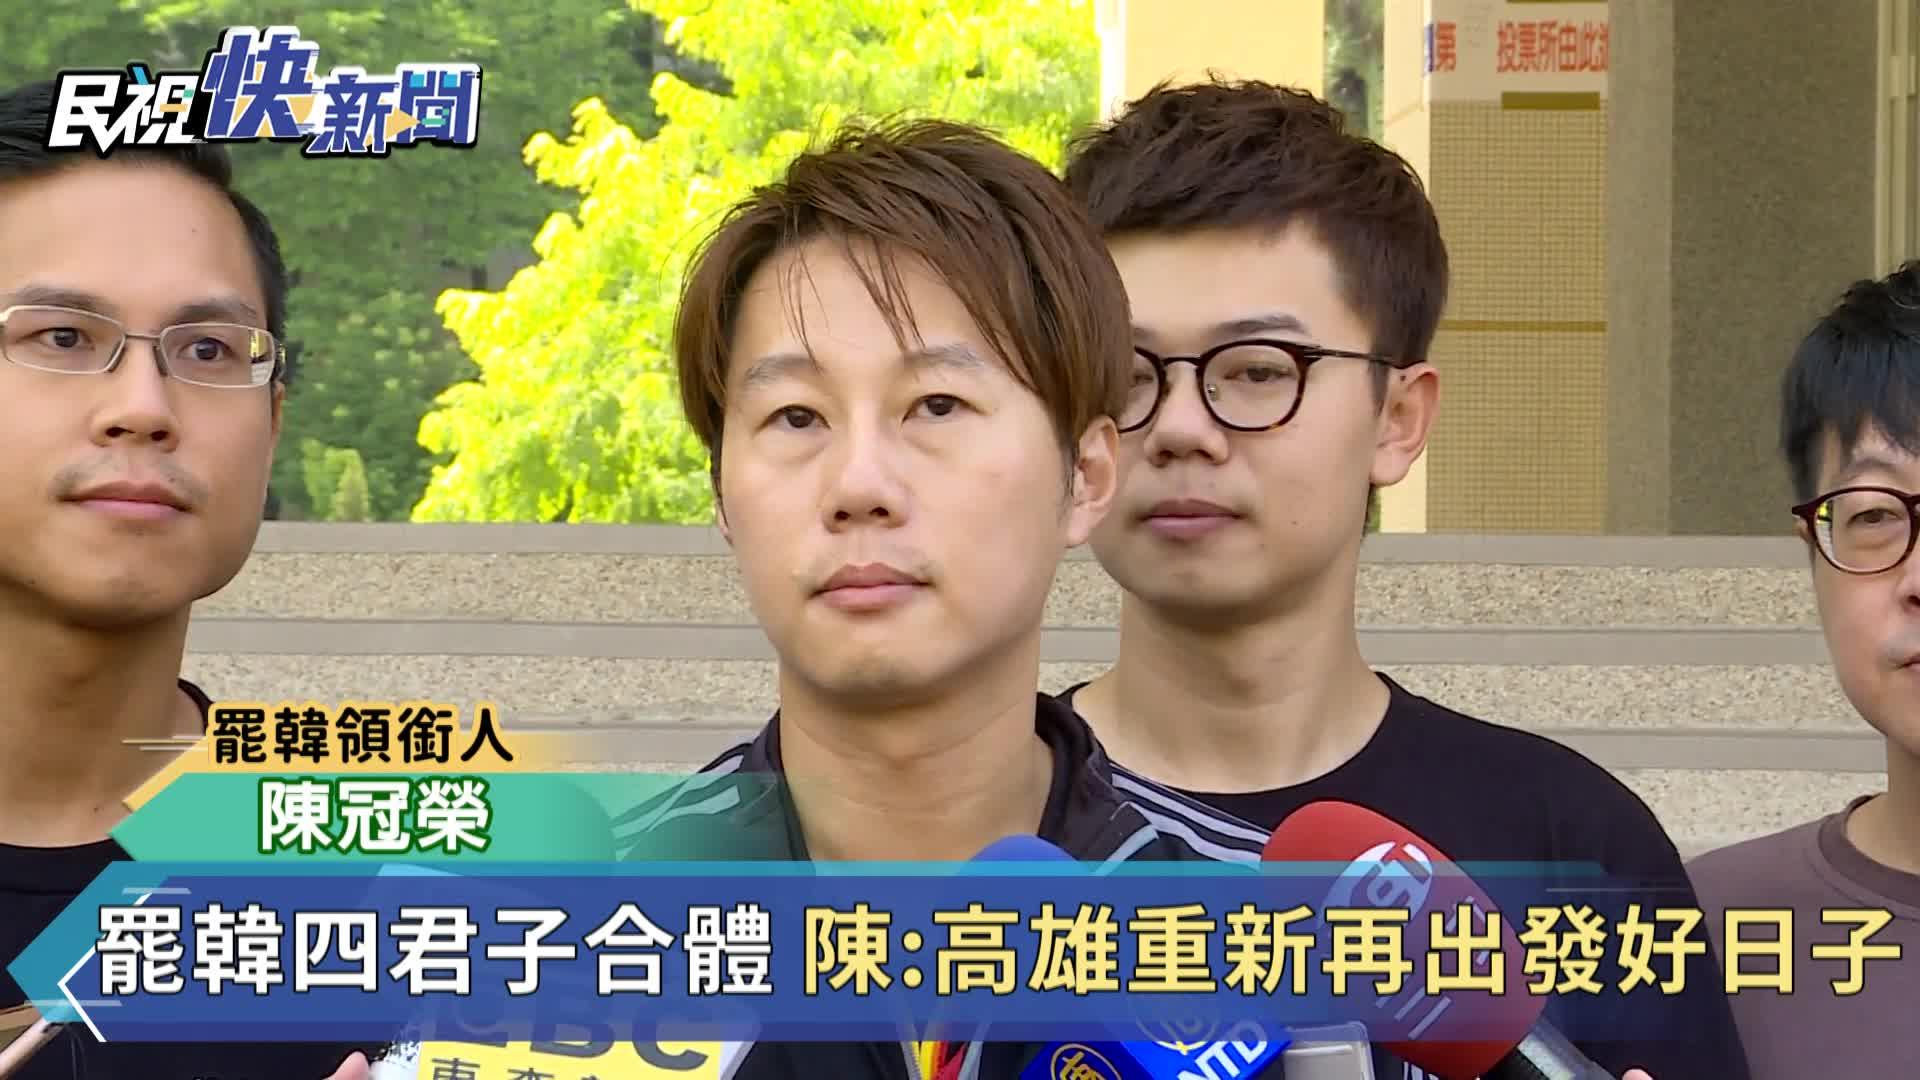 快新聞/高雄市長補選「罷韓四君子」合體 尹立:罷韓開始至今「像極了愛情」